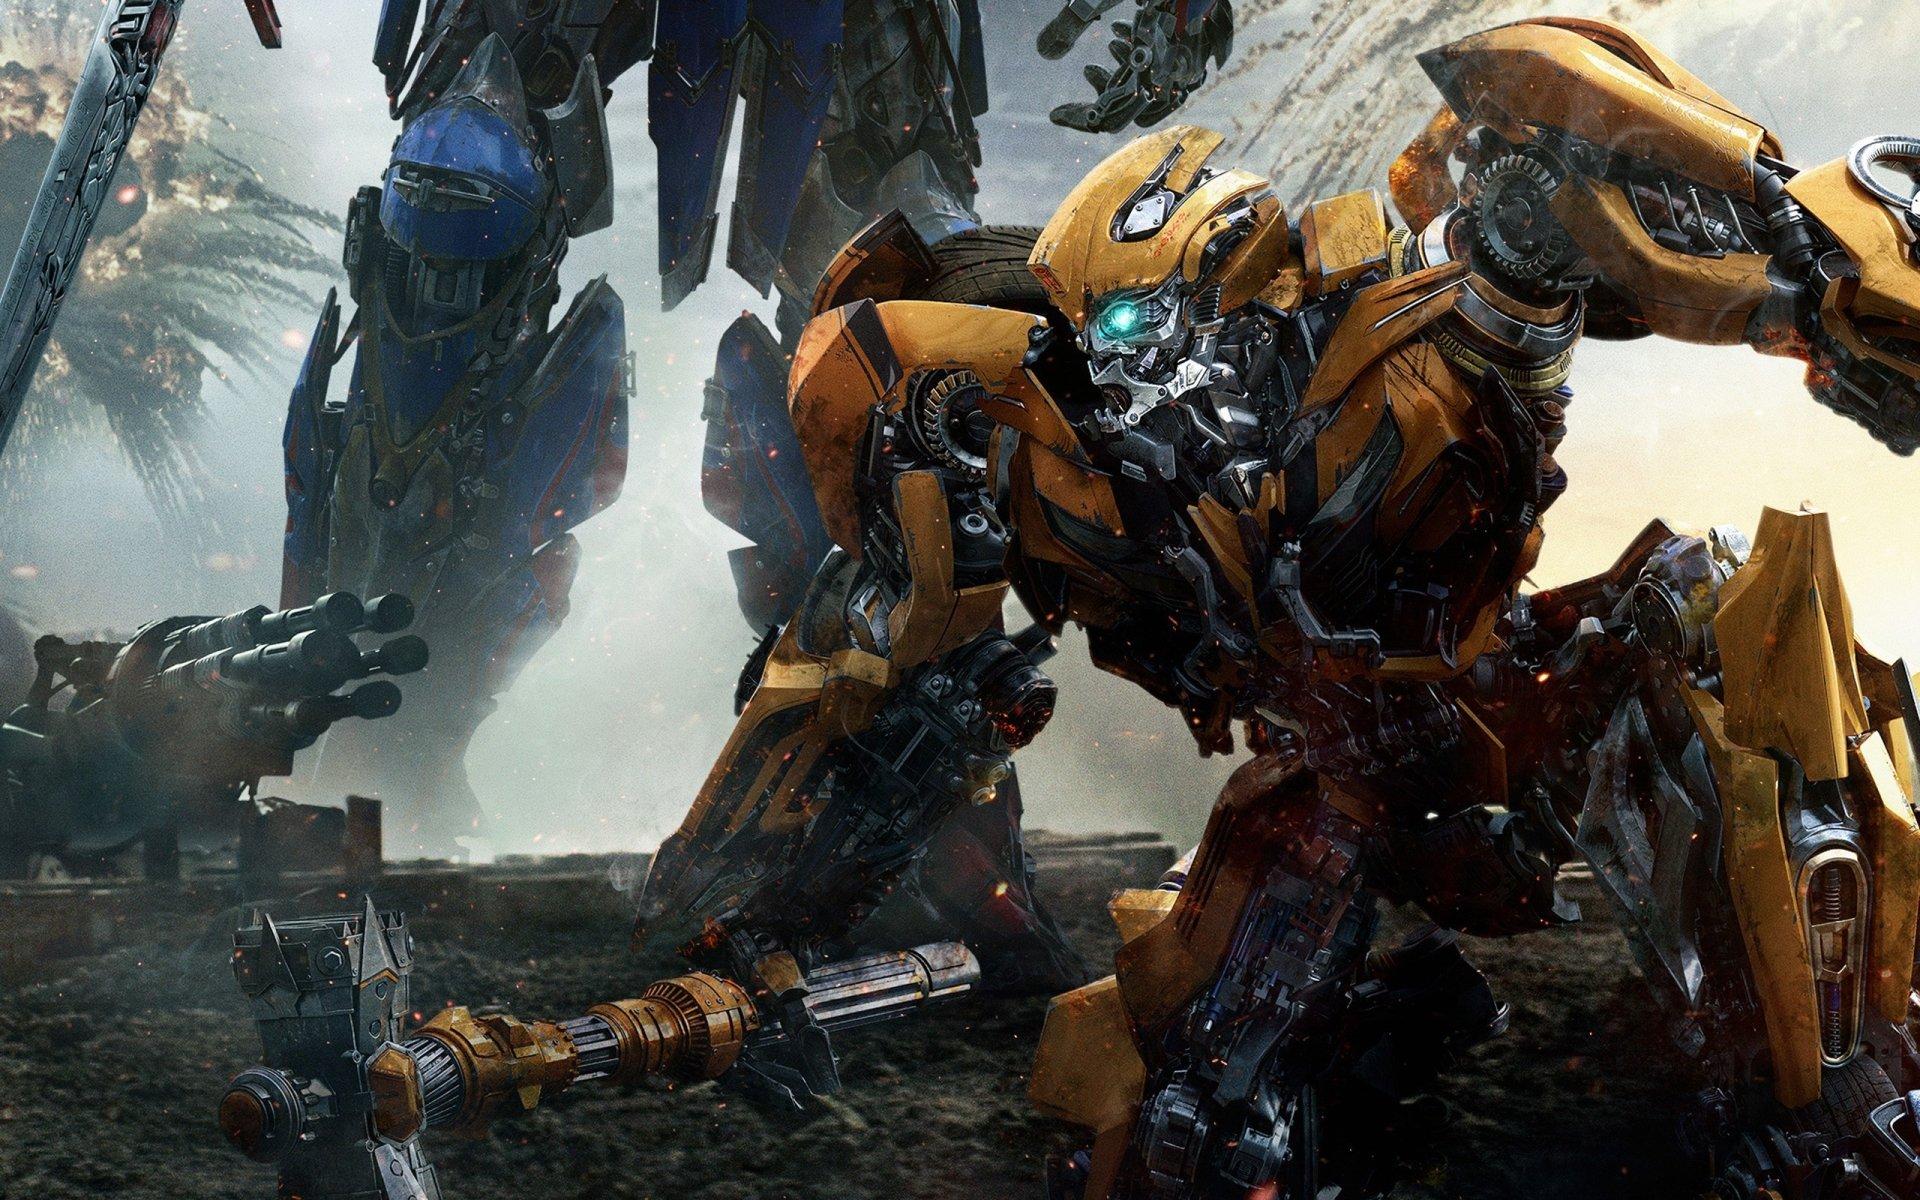 Fondos de Transformers 5 El Ultimo Caballero, The Last Knight Wallpapers